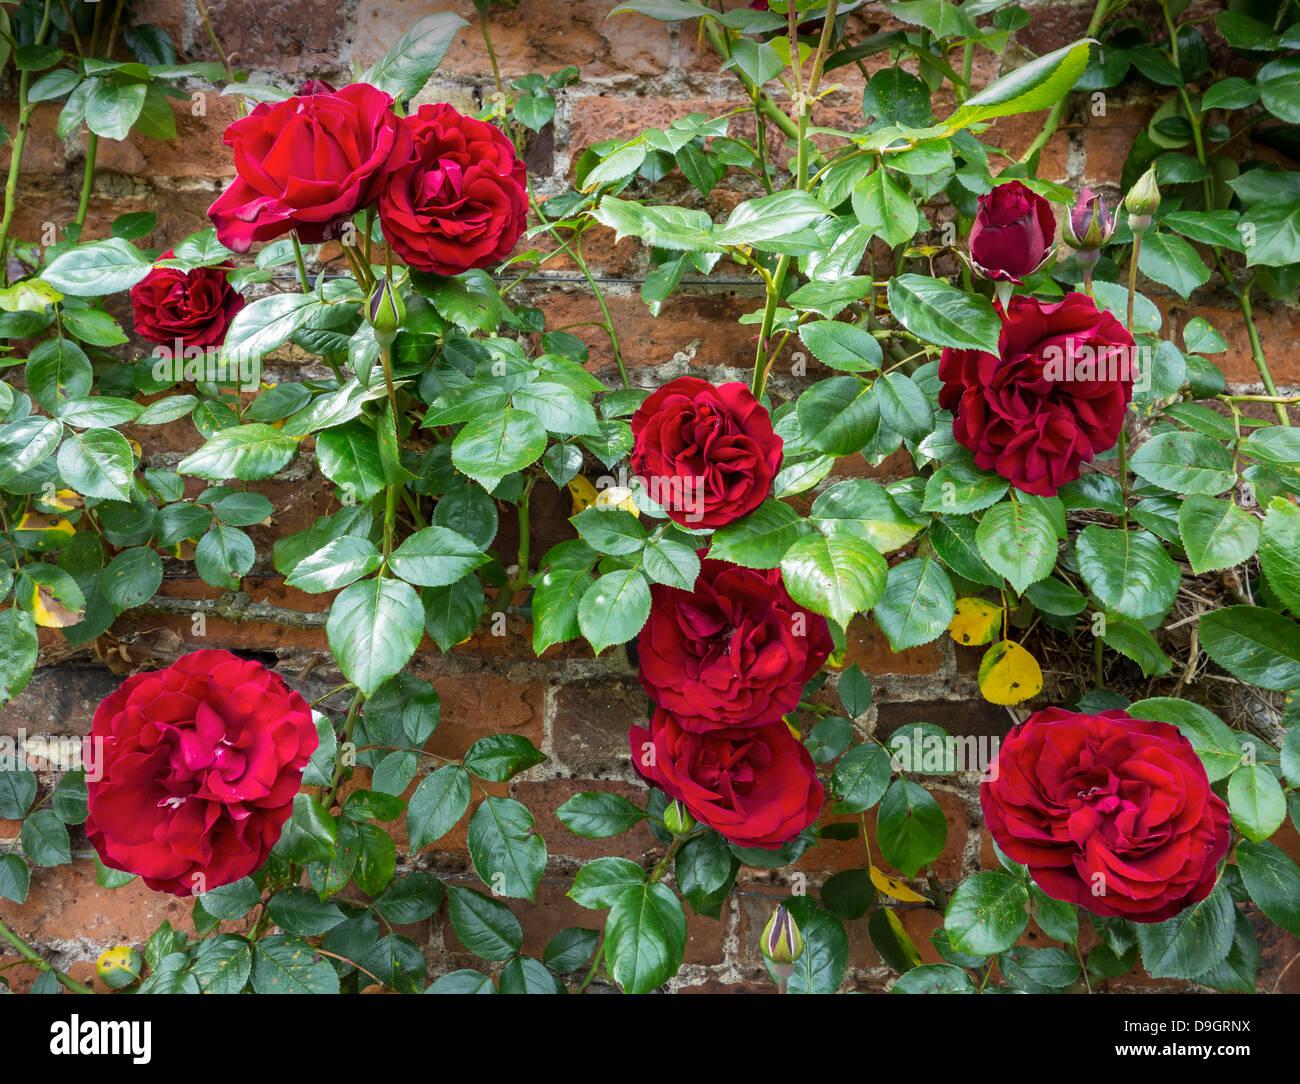 Climbing Climber Rambler Roses Red Rose - Stock Image